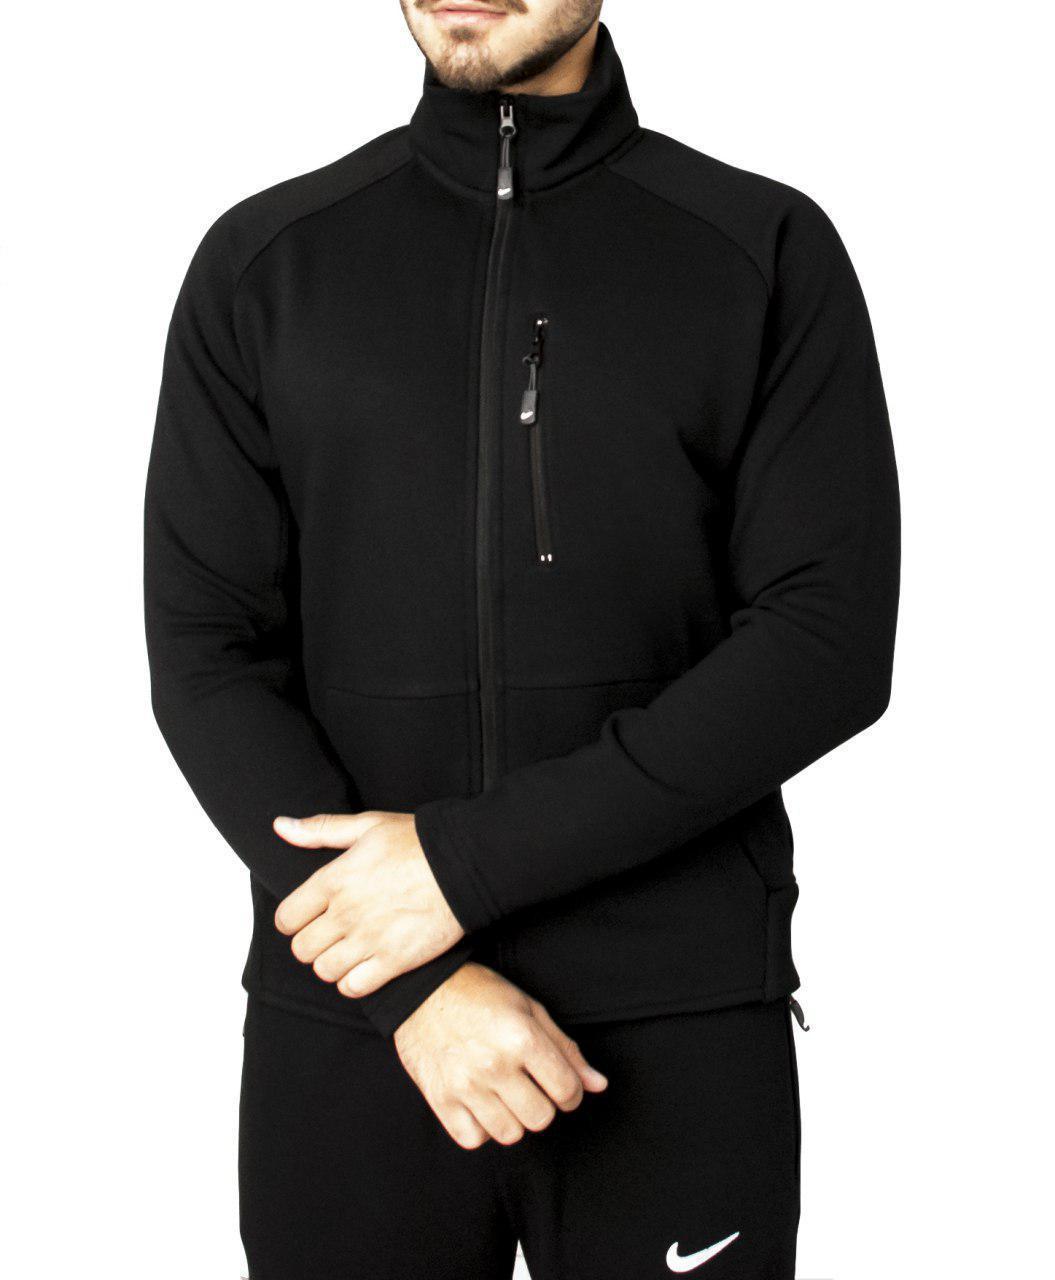 121473b3211 Мужской Спортивный костюм NIKE. Мужская одежда. Реплика - интернет-магазин